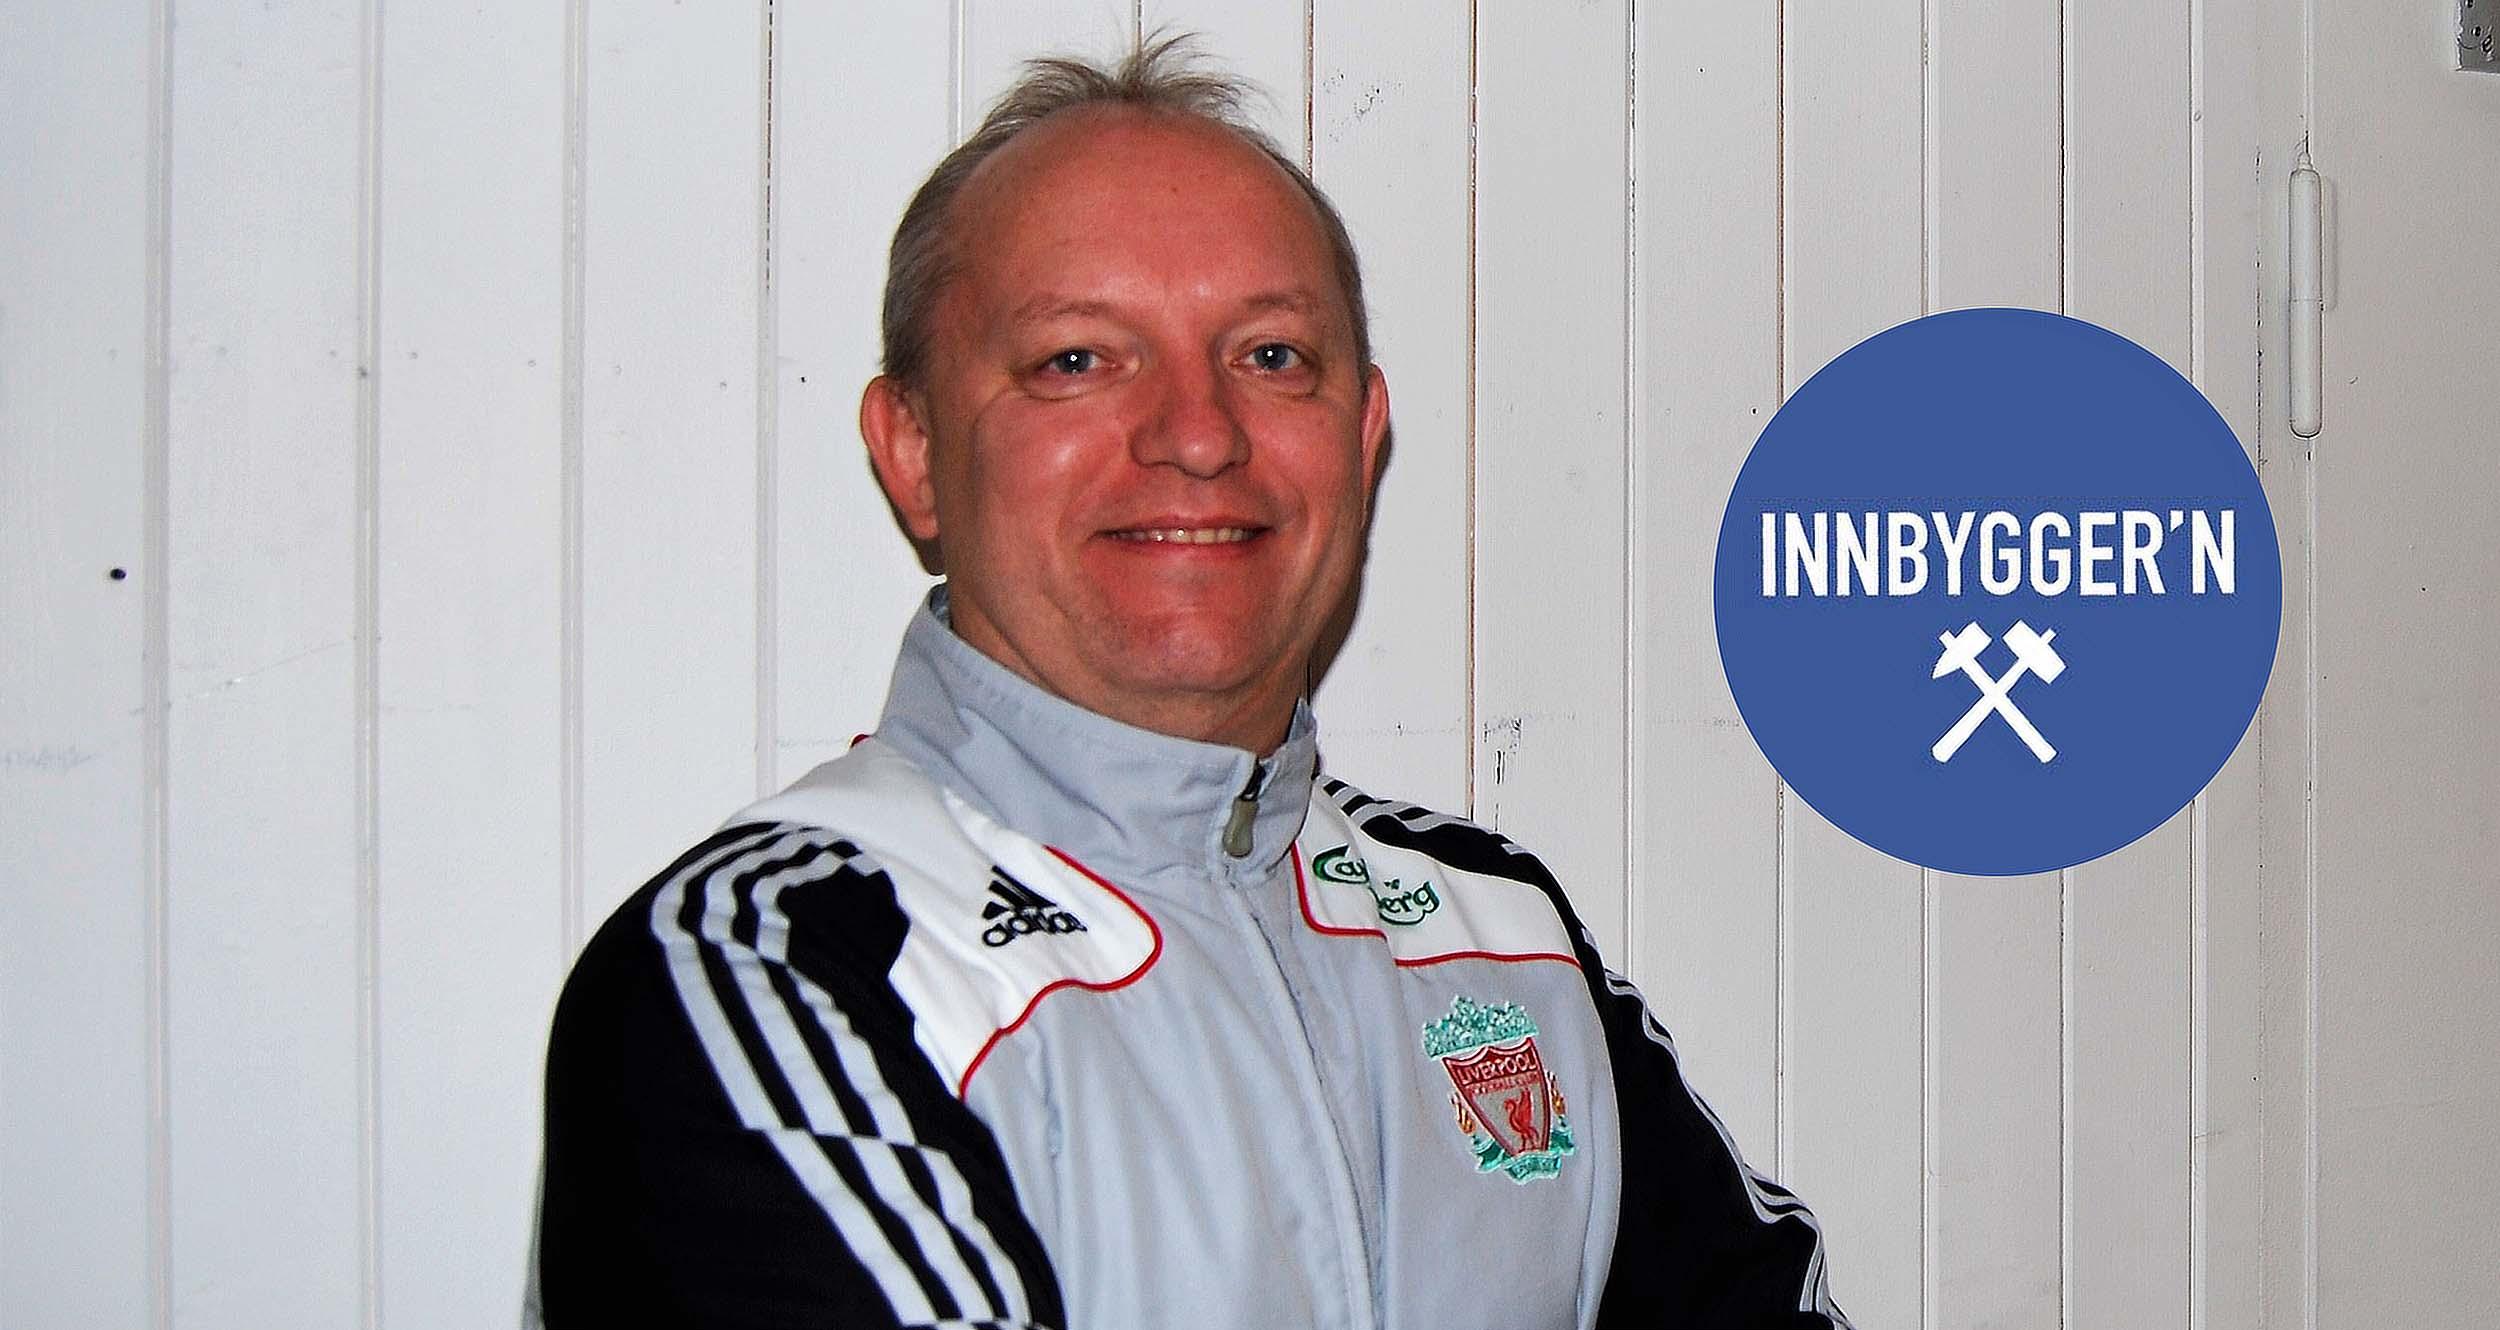 Innbygger'n Bjørn Johannesen. Foto: Privat